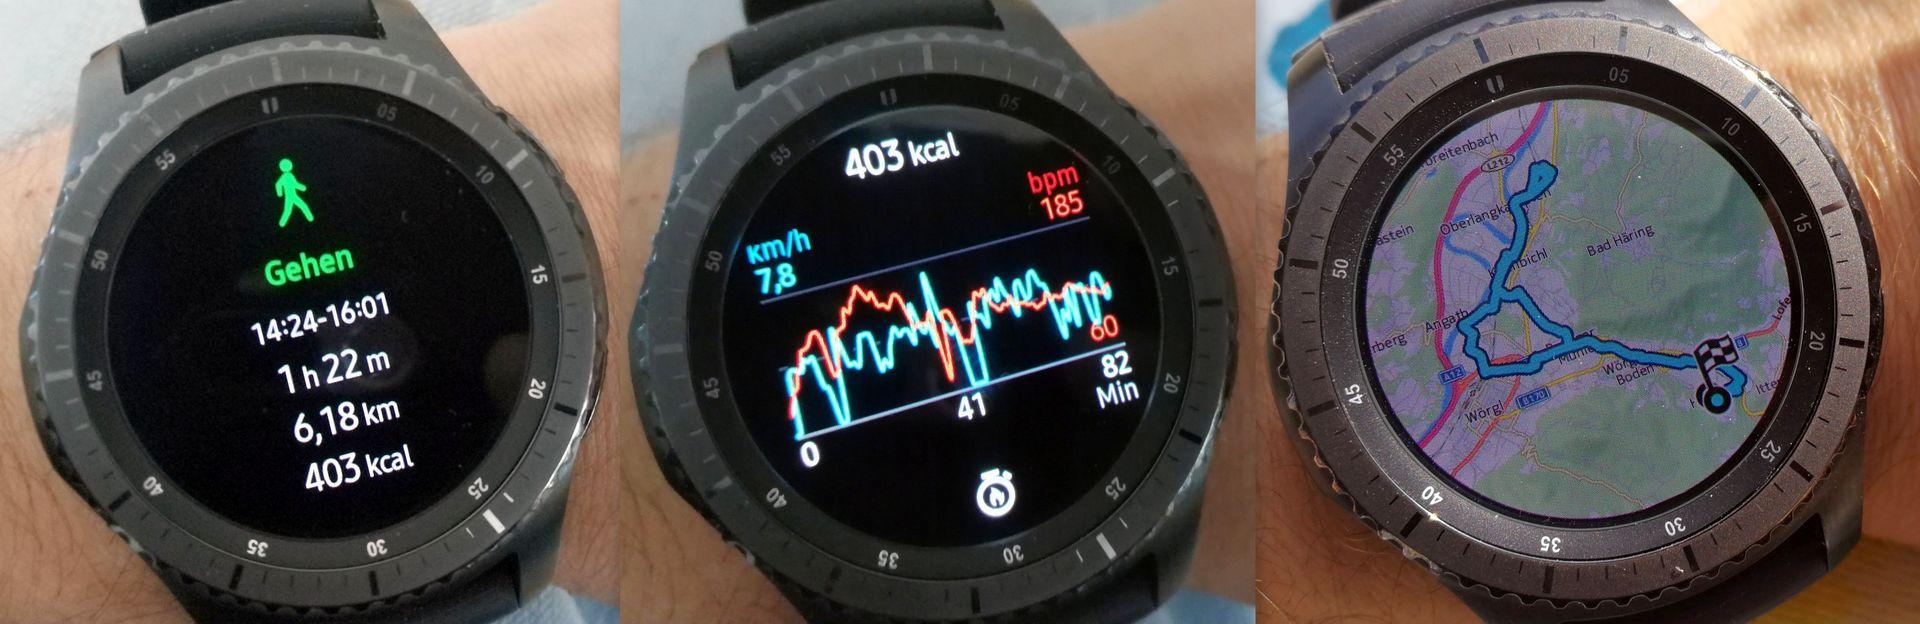 Gehen Strecke Puls Maps - Samsung Gear S3